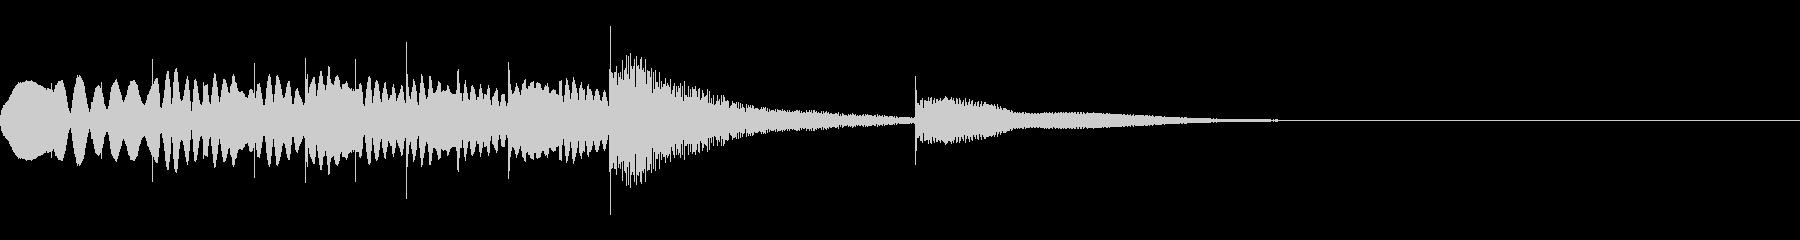 マリンバとグロッケンのジングル5の未再生の波形